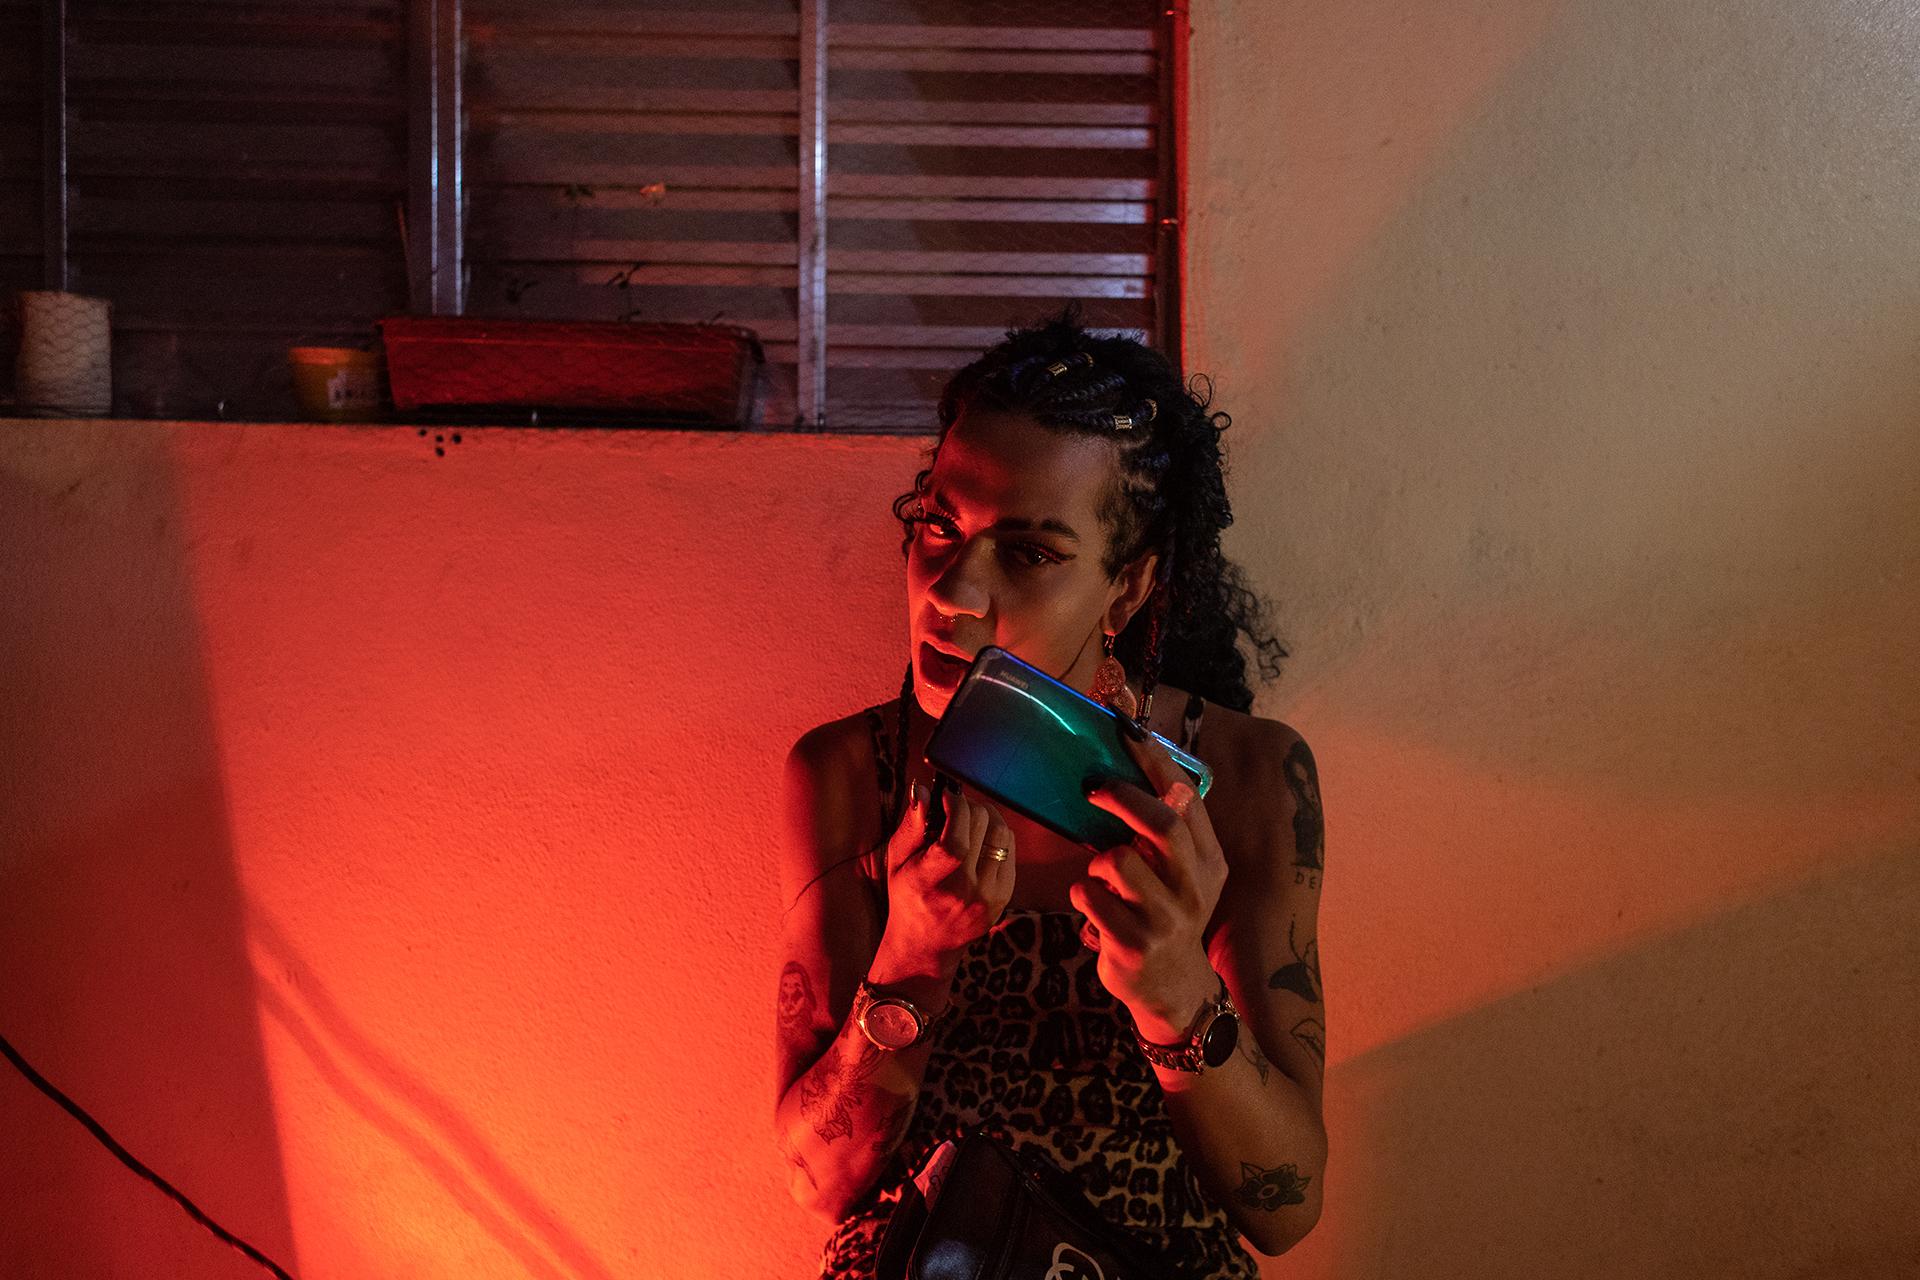 Bárbara passa batom durante comemoração do projeto Transgressoras na zona norte de São Paulo. Bárbara trabalhou como assistente de vídeo em uma das produções do coletivo Cia dxs Terroristas.